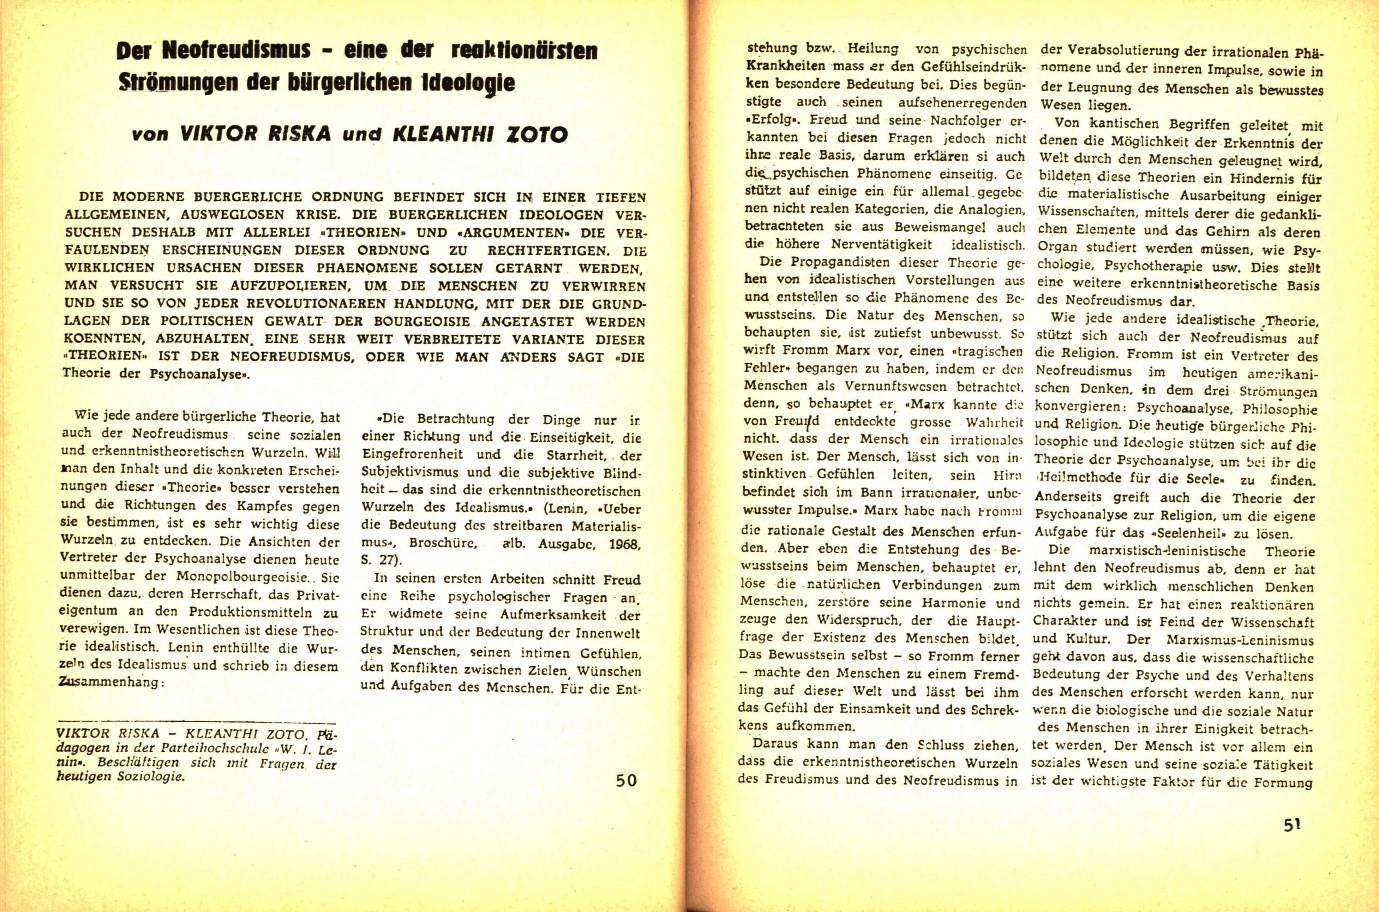 KPDAO_1974_30_Jahre_Befreiung_Albaniens_26